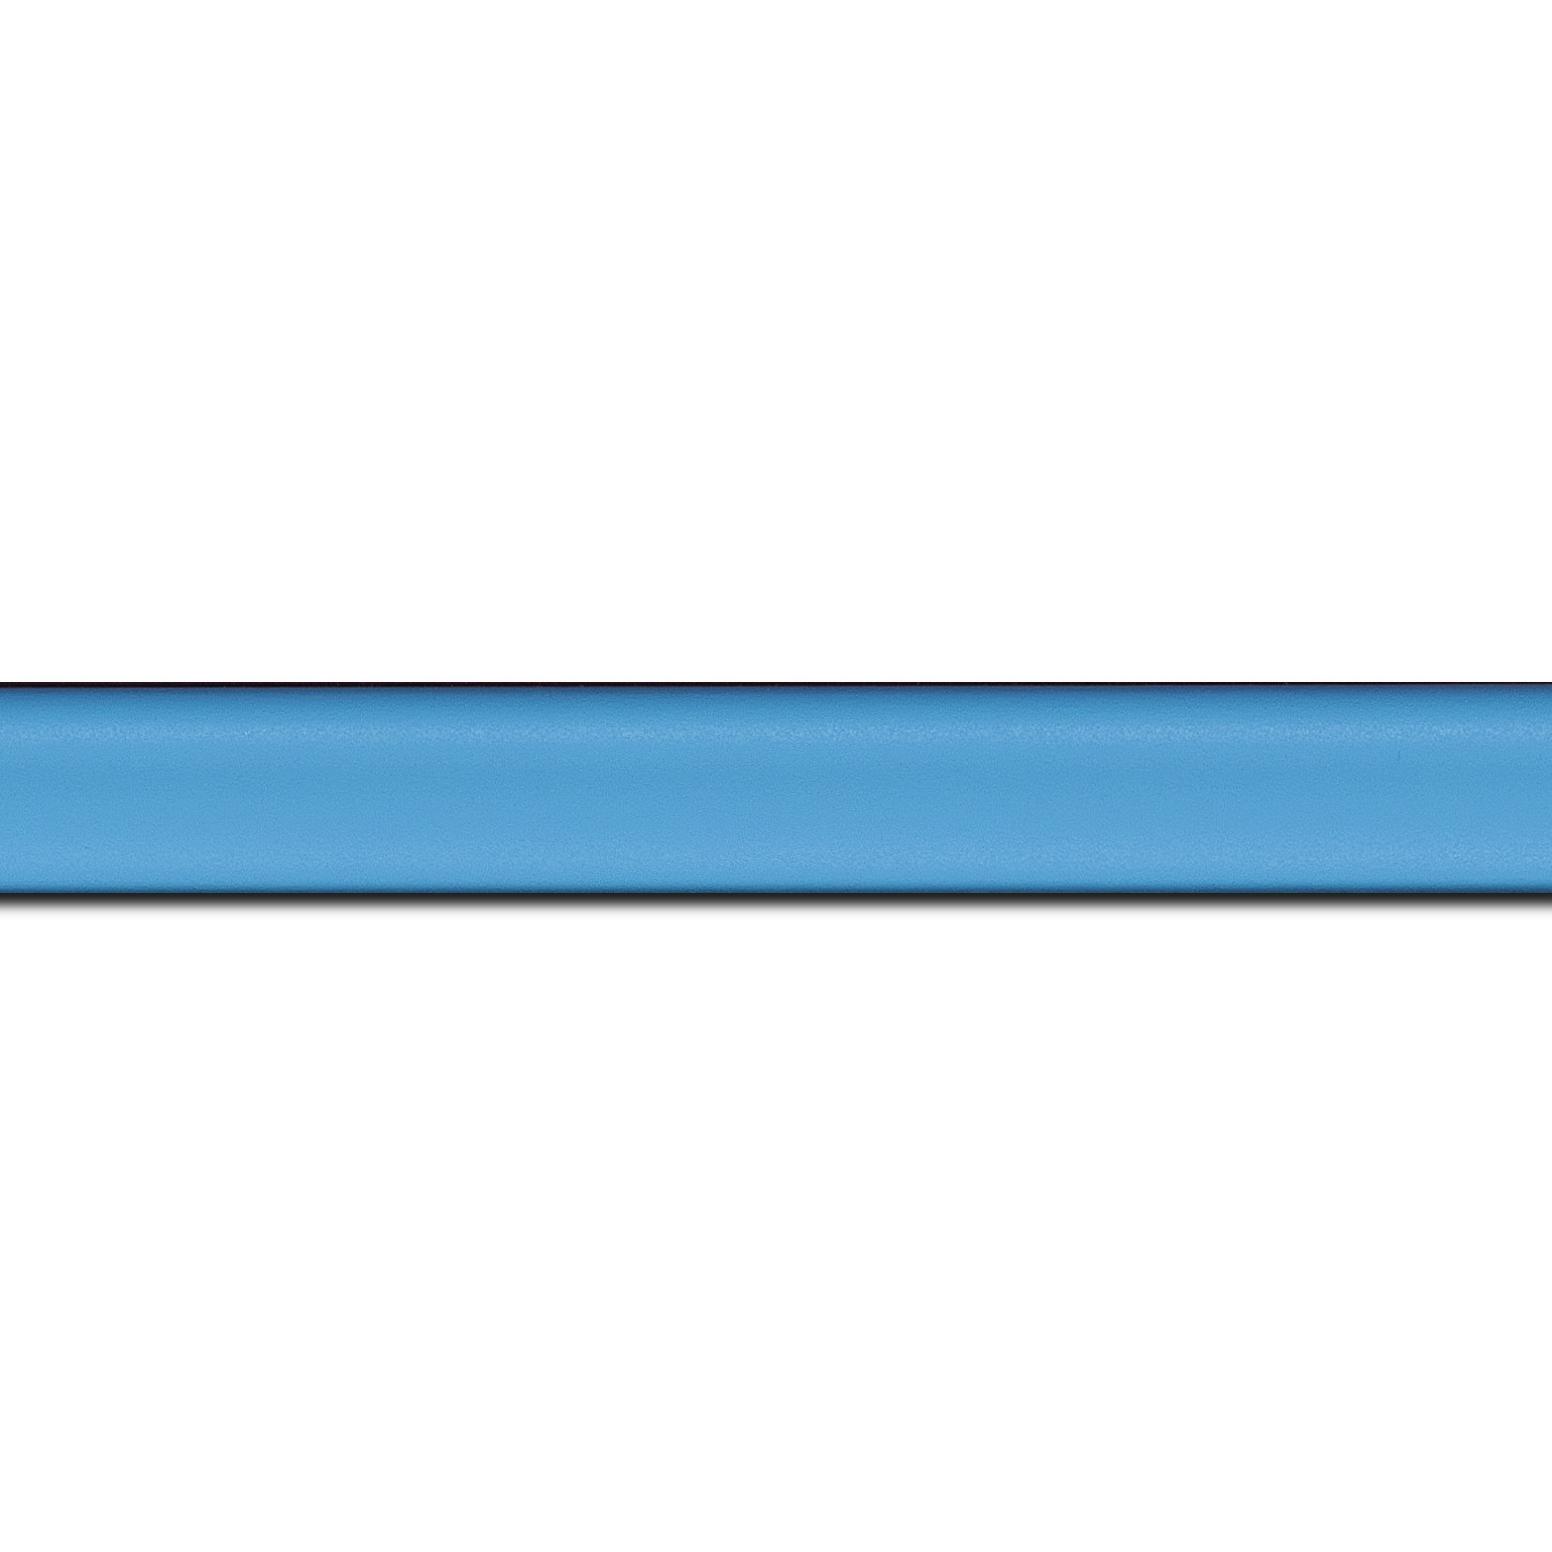 Pack par 12m, bois profil incuvé largeur 2.1cm couleur bleu tendre satiné (longueur baguette pouvant varier entre 2.40m et 3m selon arrivage des bois)